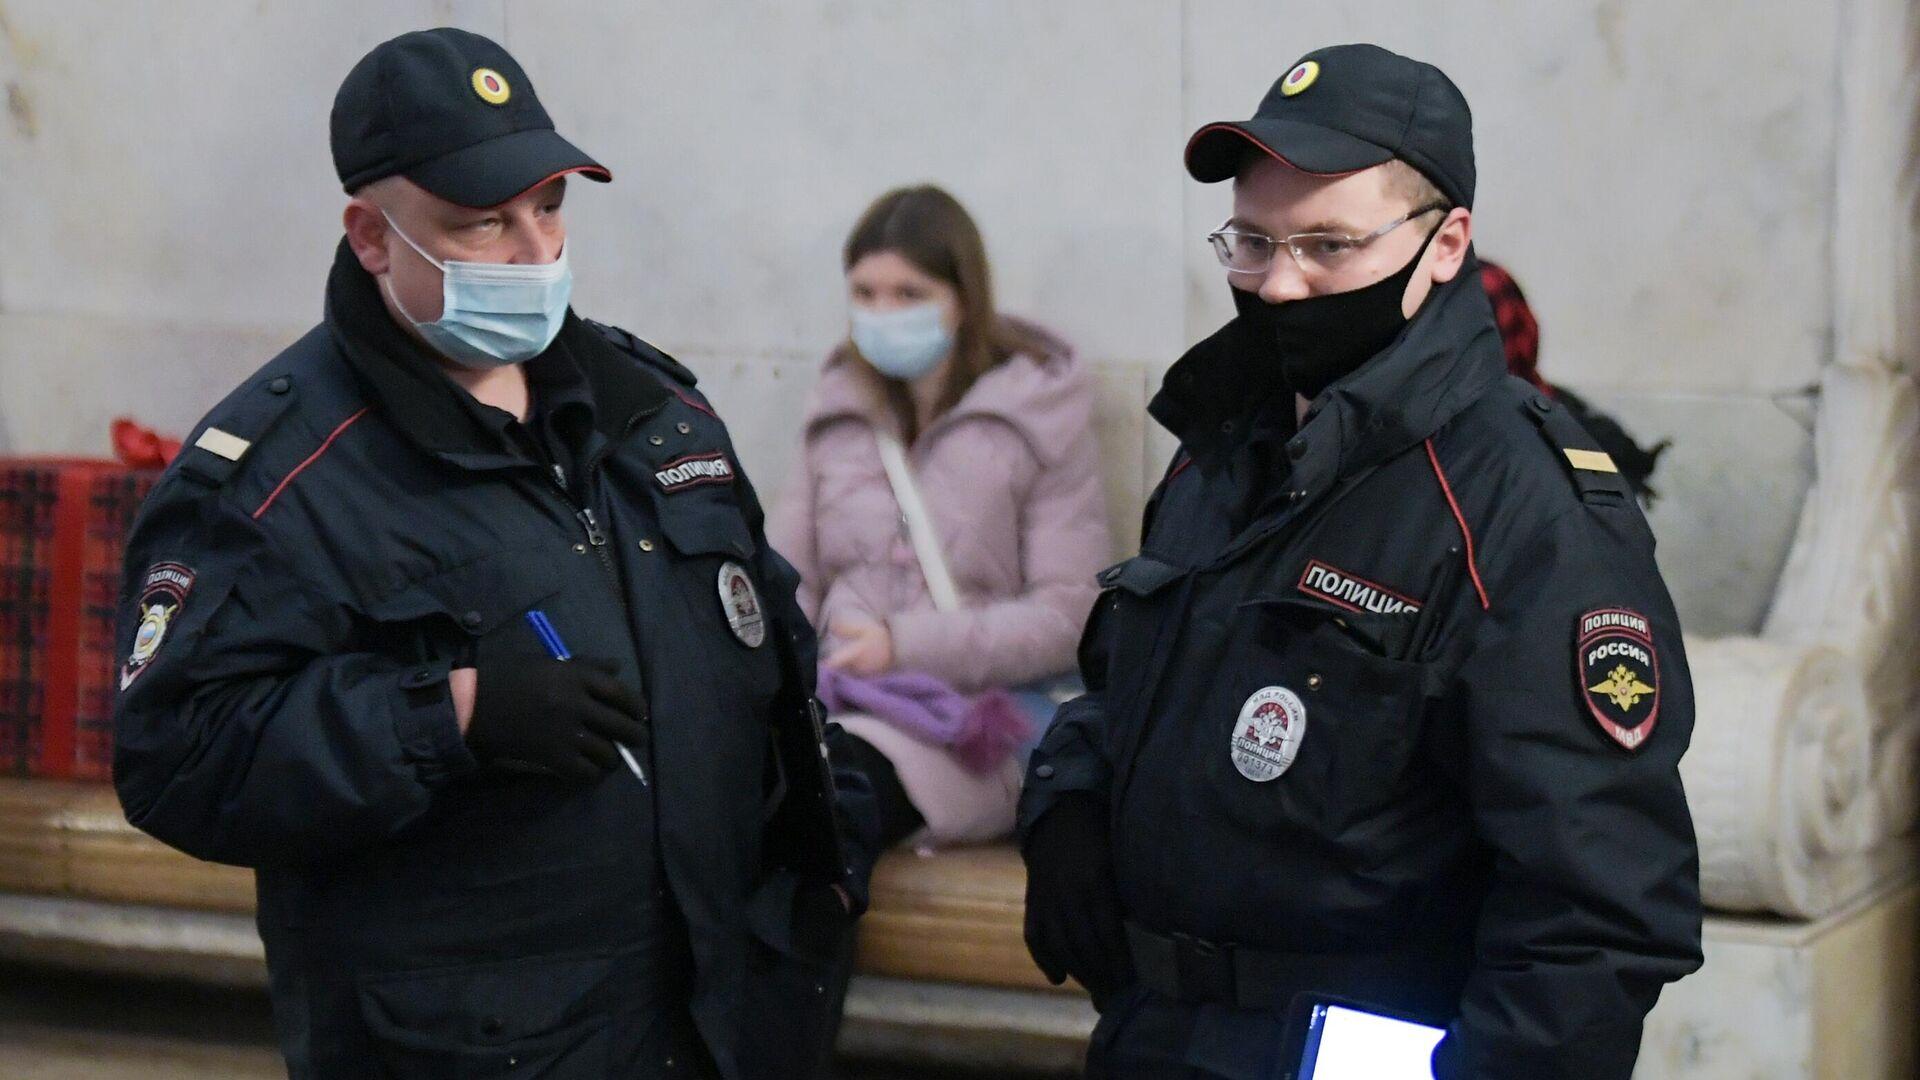 Представители правоохранительных органов в защитных масках на станции в московском метрополитене - РИА Новости, 1920, 03.05.2021